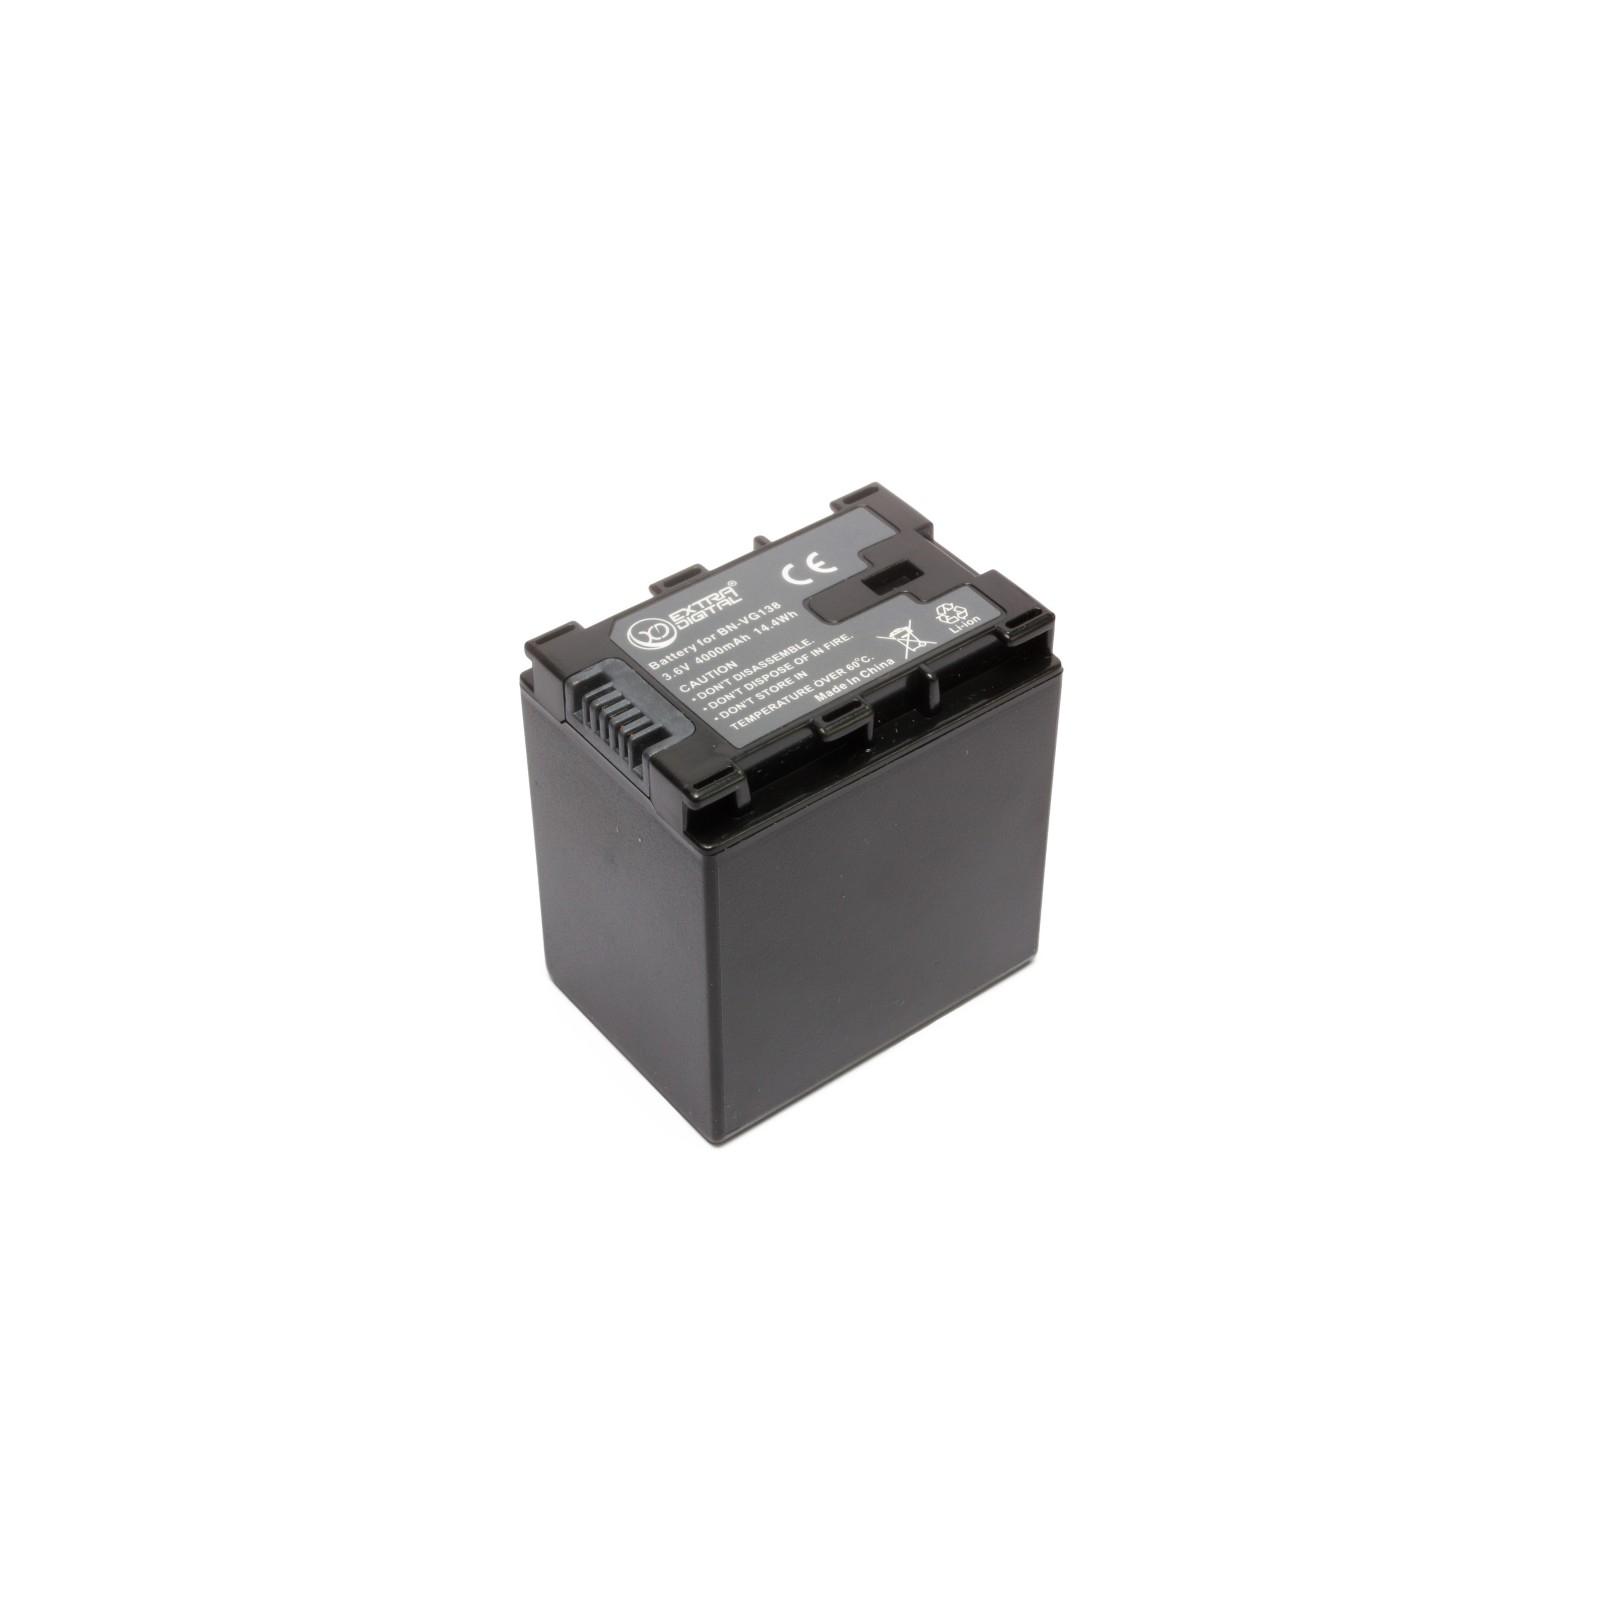 Аккумулятор к фото/видео EXTRADIGITAL JVC BN-VG138 (chip) (BDJ1312) изображение 4